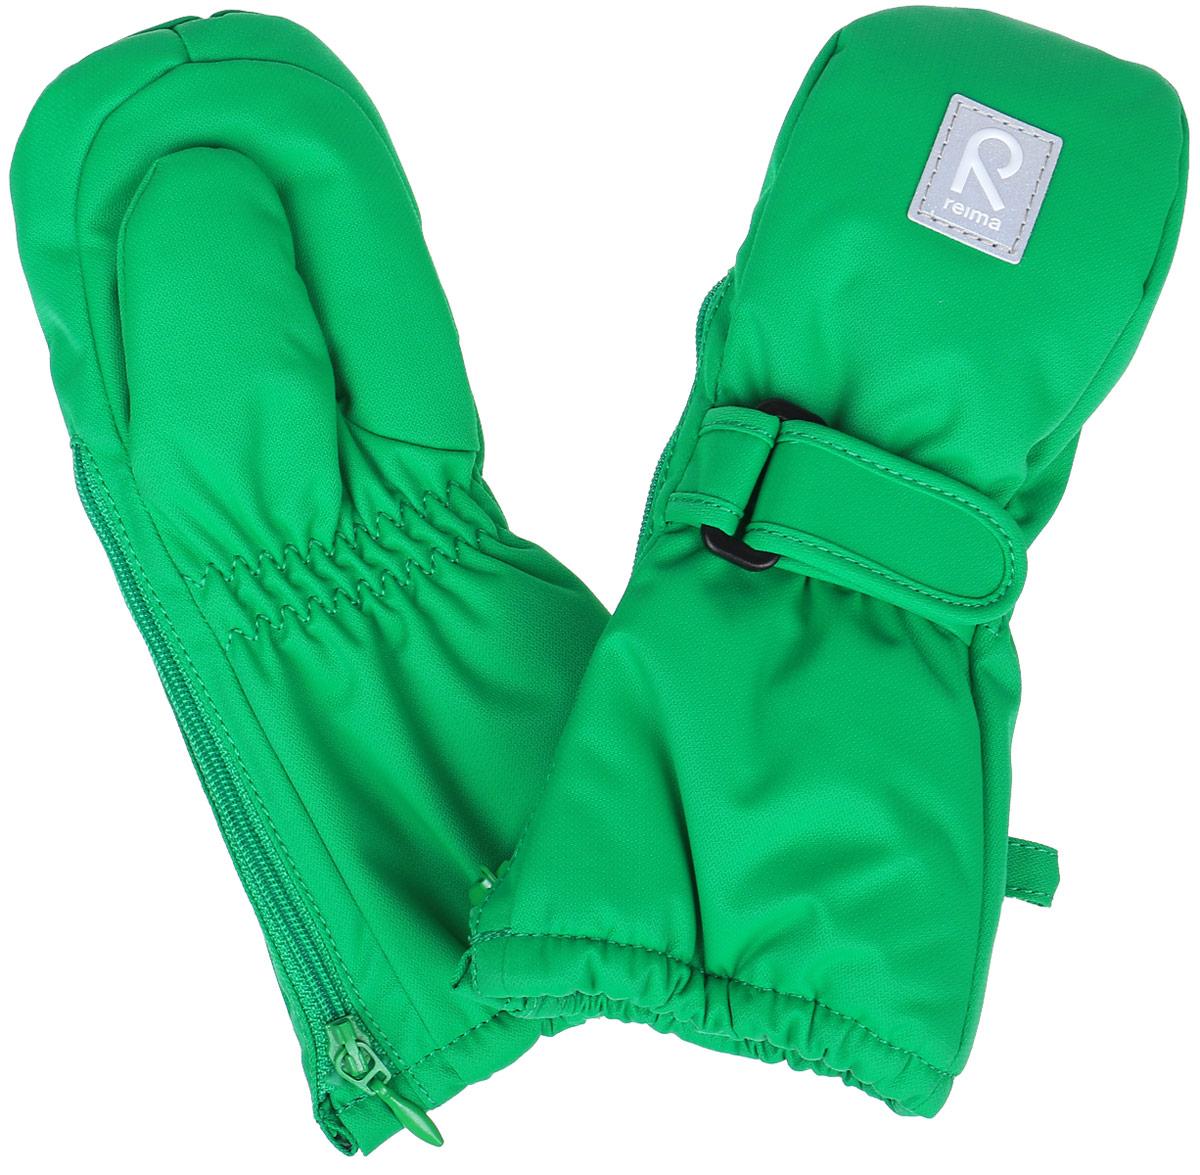 Варежки детские. 517085517085_1810Детские варежки Reima Tassu, изготовленные из мембранной ткани с водо- и ветрозащитным покрытием, станут идеальным вариантом для холодной погоды. Мягкая подкладка выполнена из полиэстера. В качестве утеплителя также используется полиэстер, который хорошо удерживает тепло. Сбоку изделия расположена длинная молния, благодаря которой варежки легко надеваются на маленькие ручки. С внешней стороны они дополнены хлястиками на липучках. Край варежек и запястья присборены на эластичные резинки, препятствующие попаданию снега. Предусмотрены светоотражающие вставки для безопасности в темное время суток. Средняя степень утепления. Идеально при температурах от -0°С до -20°С.